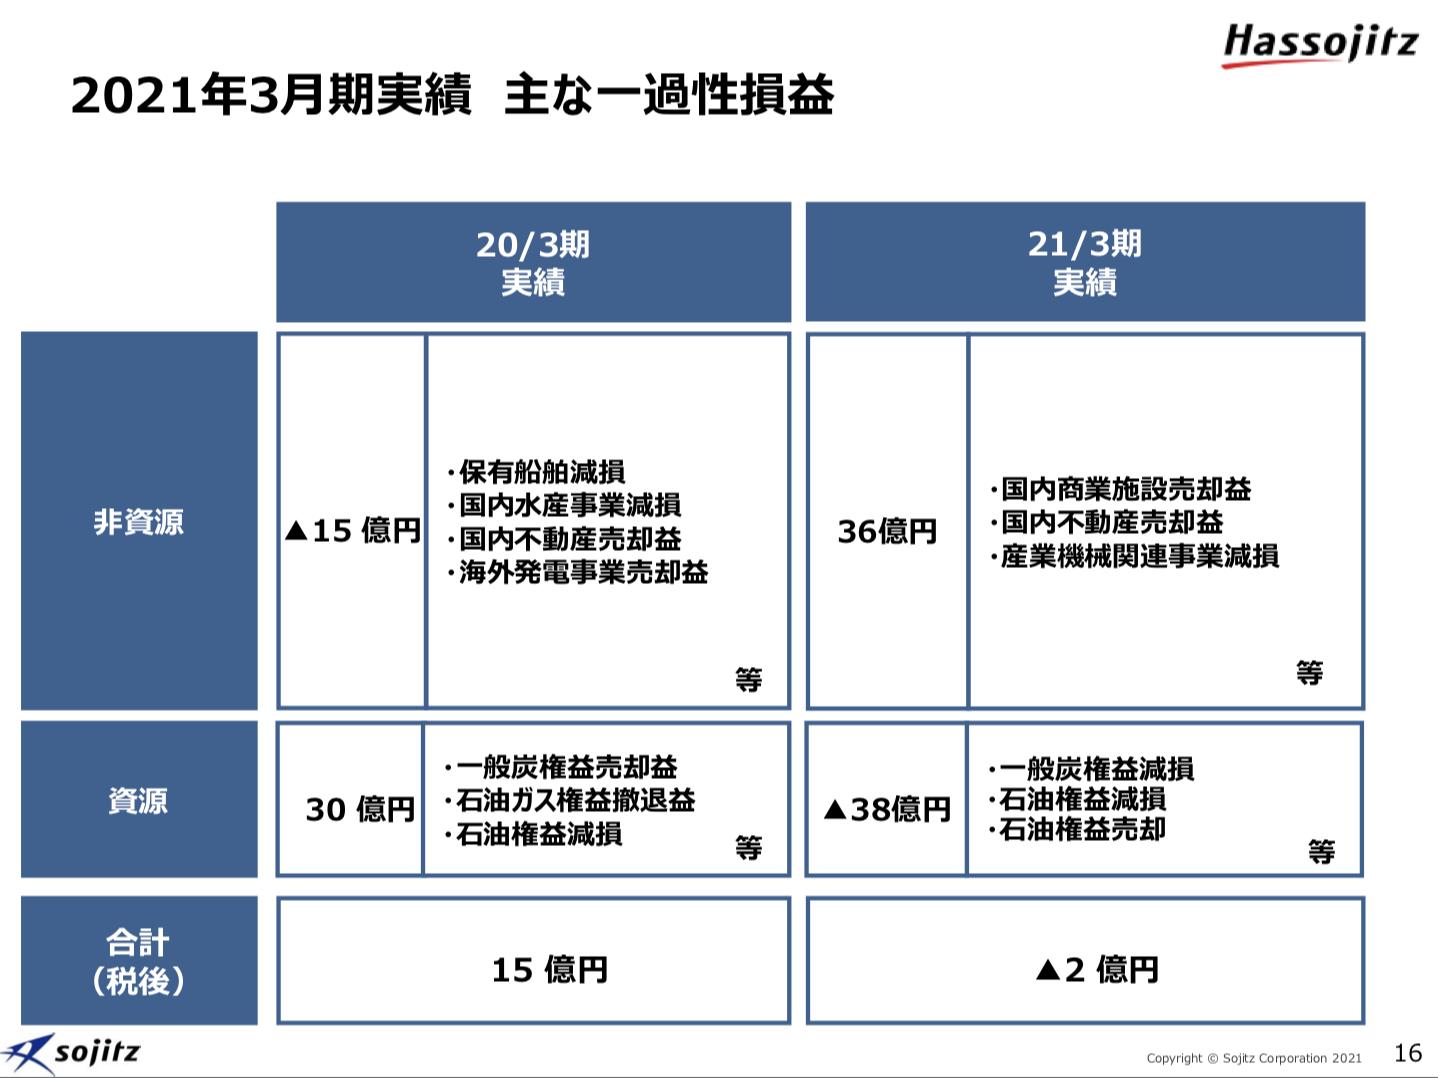 双日株式会社 2021年3月期決算